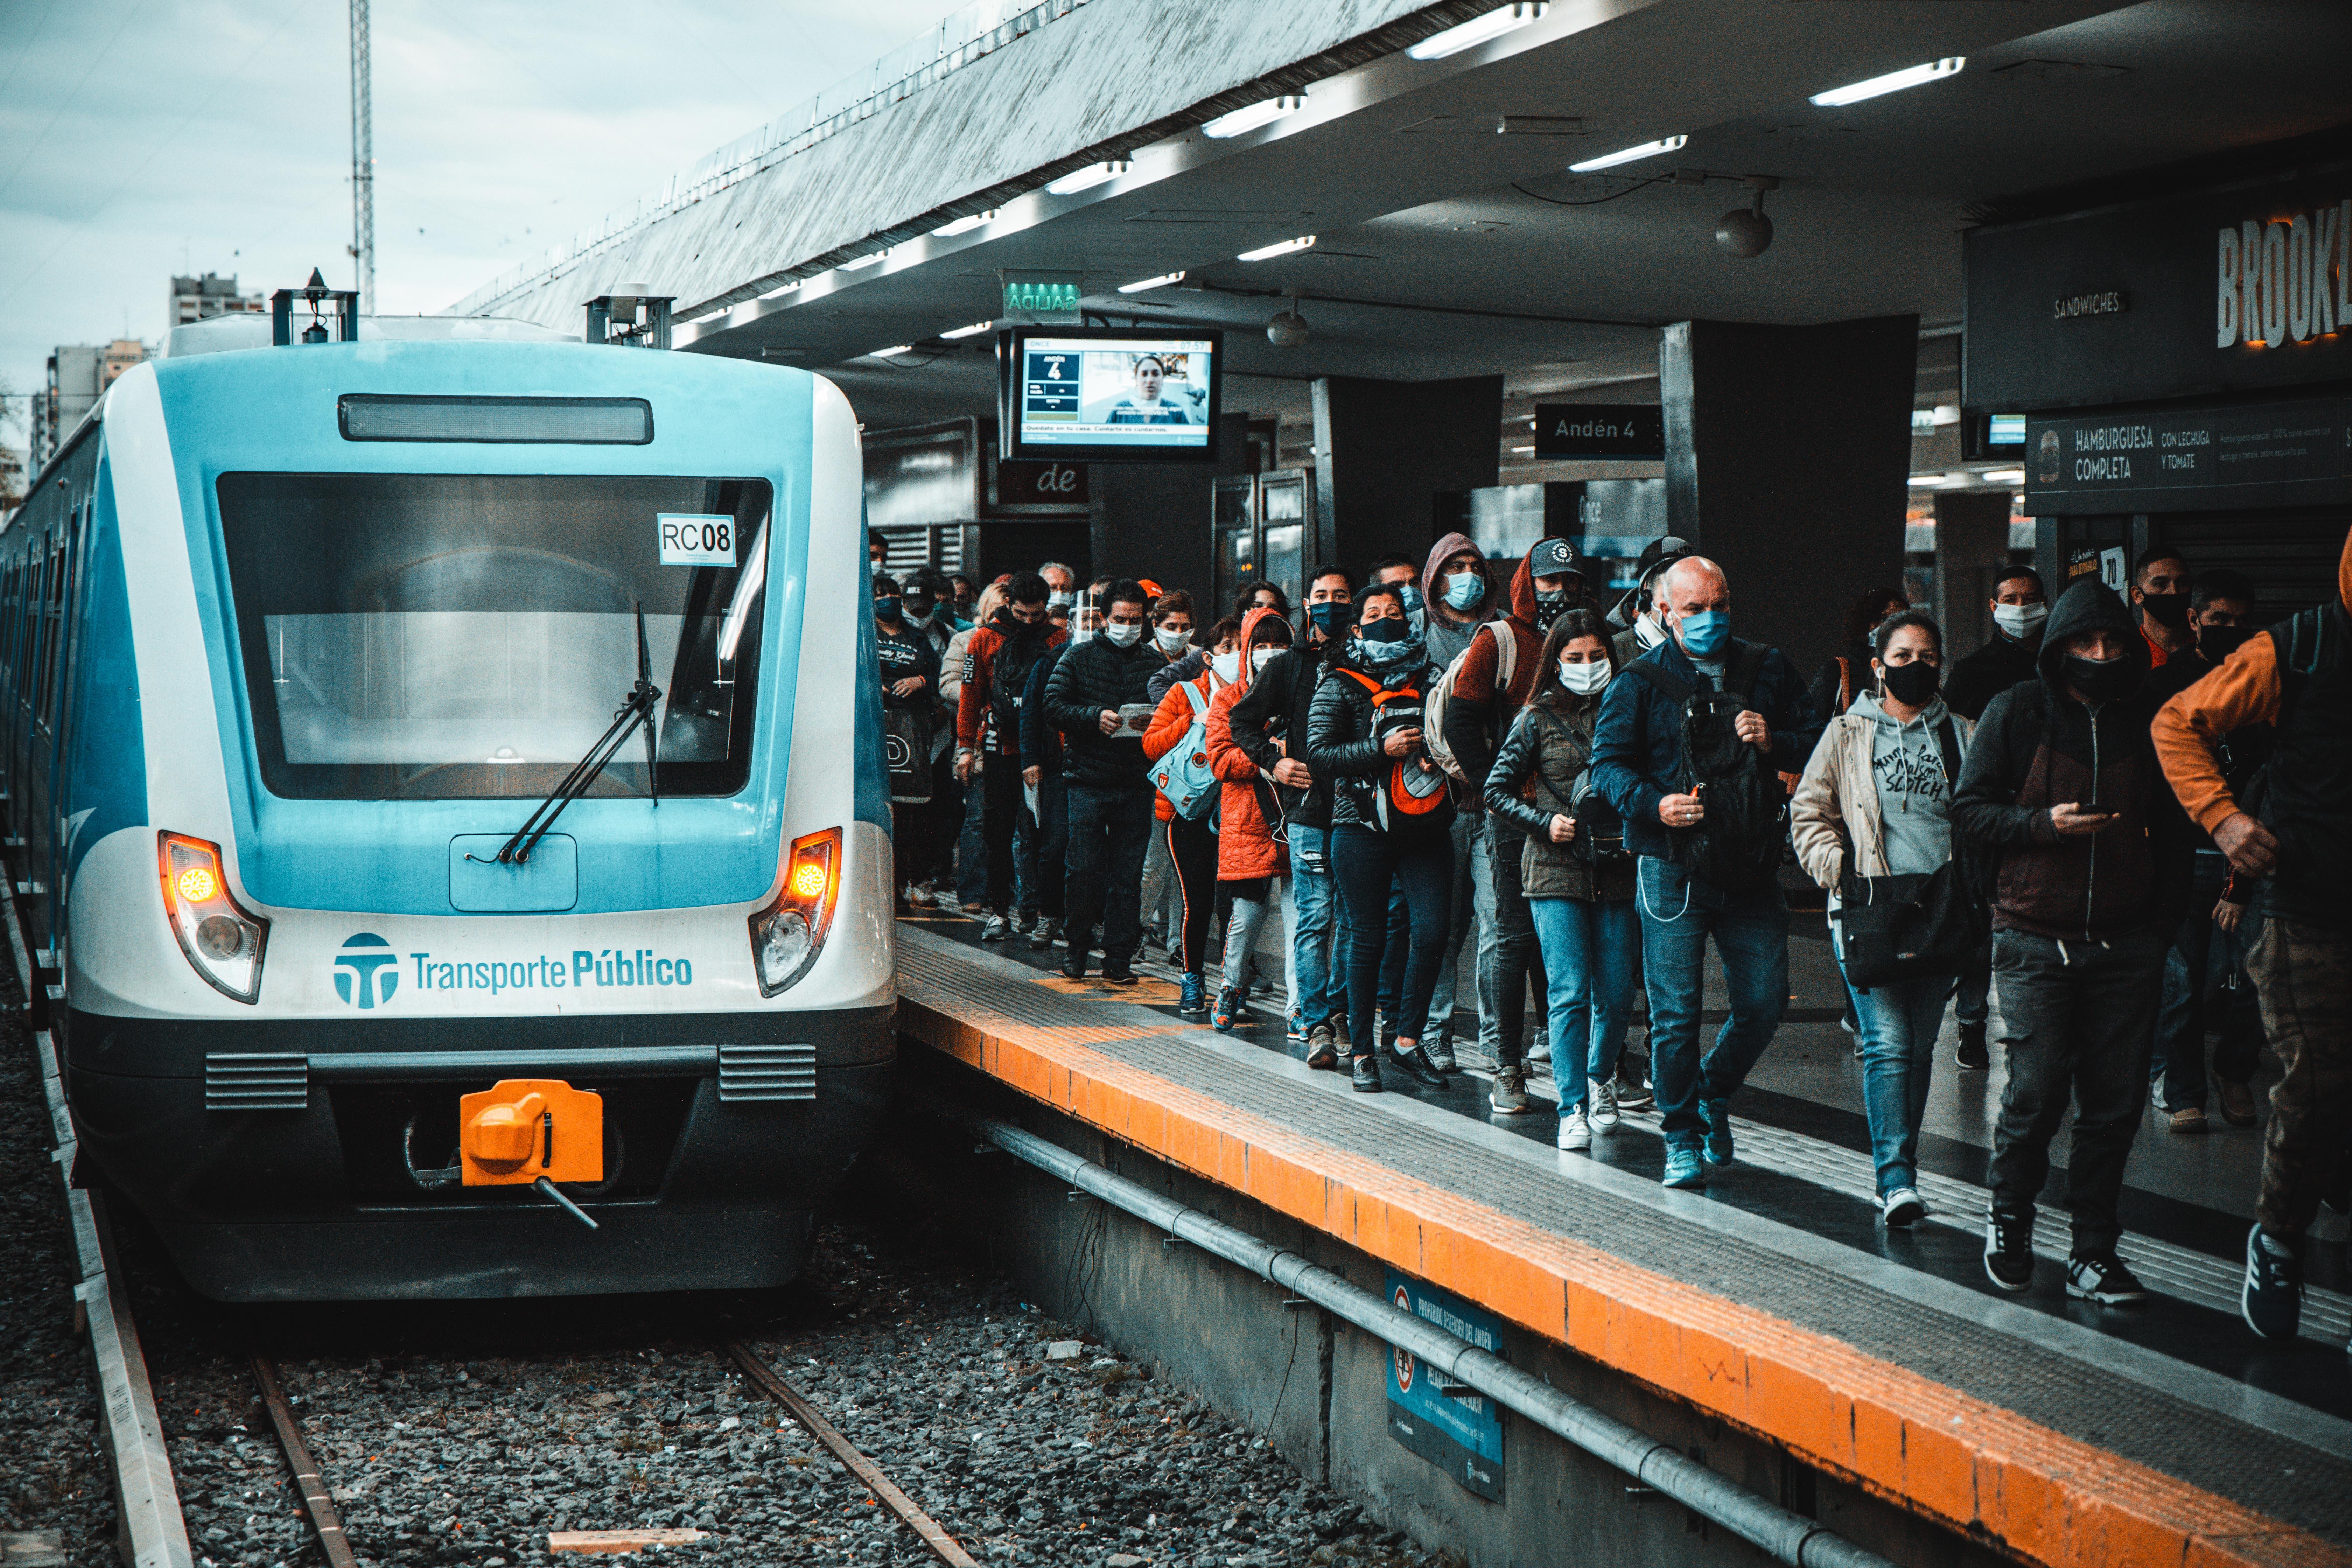 La estación de trenes de Once también lució con mucho más pasajeros. Incluso hubo momentos en el que no se respetó el distanciamiento social